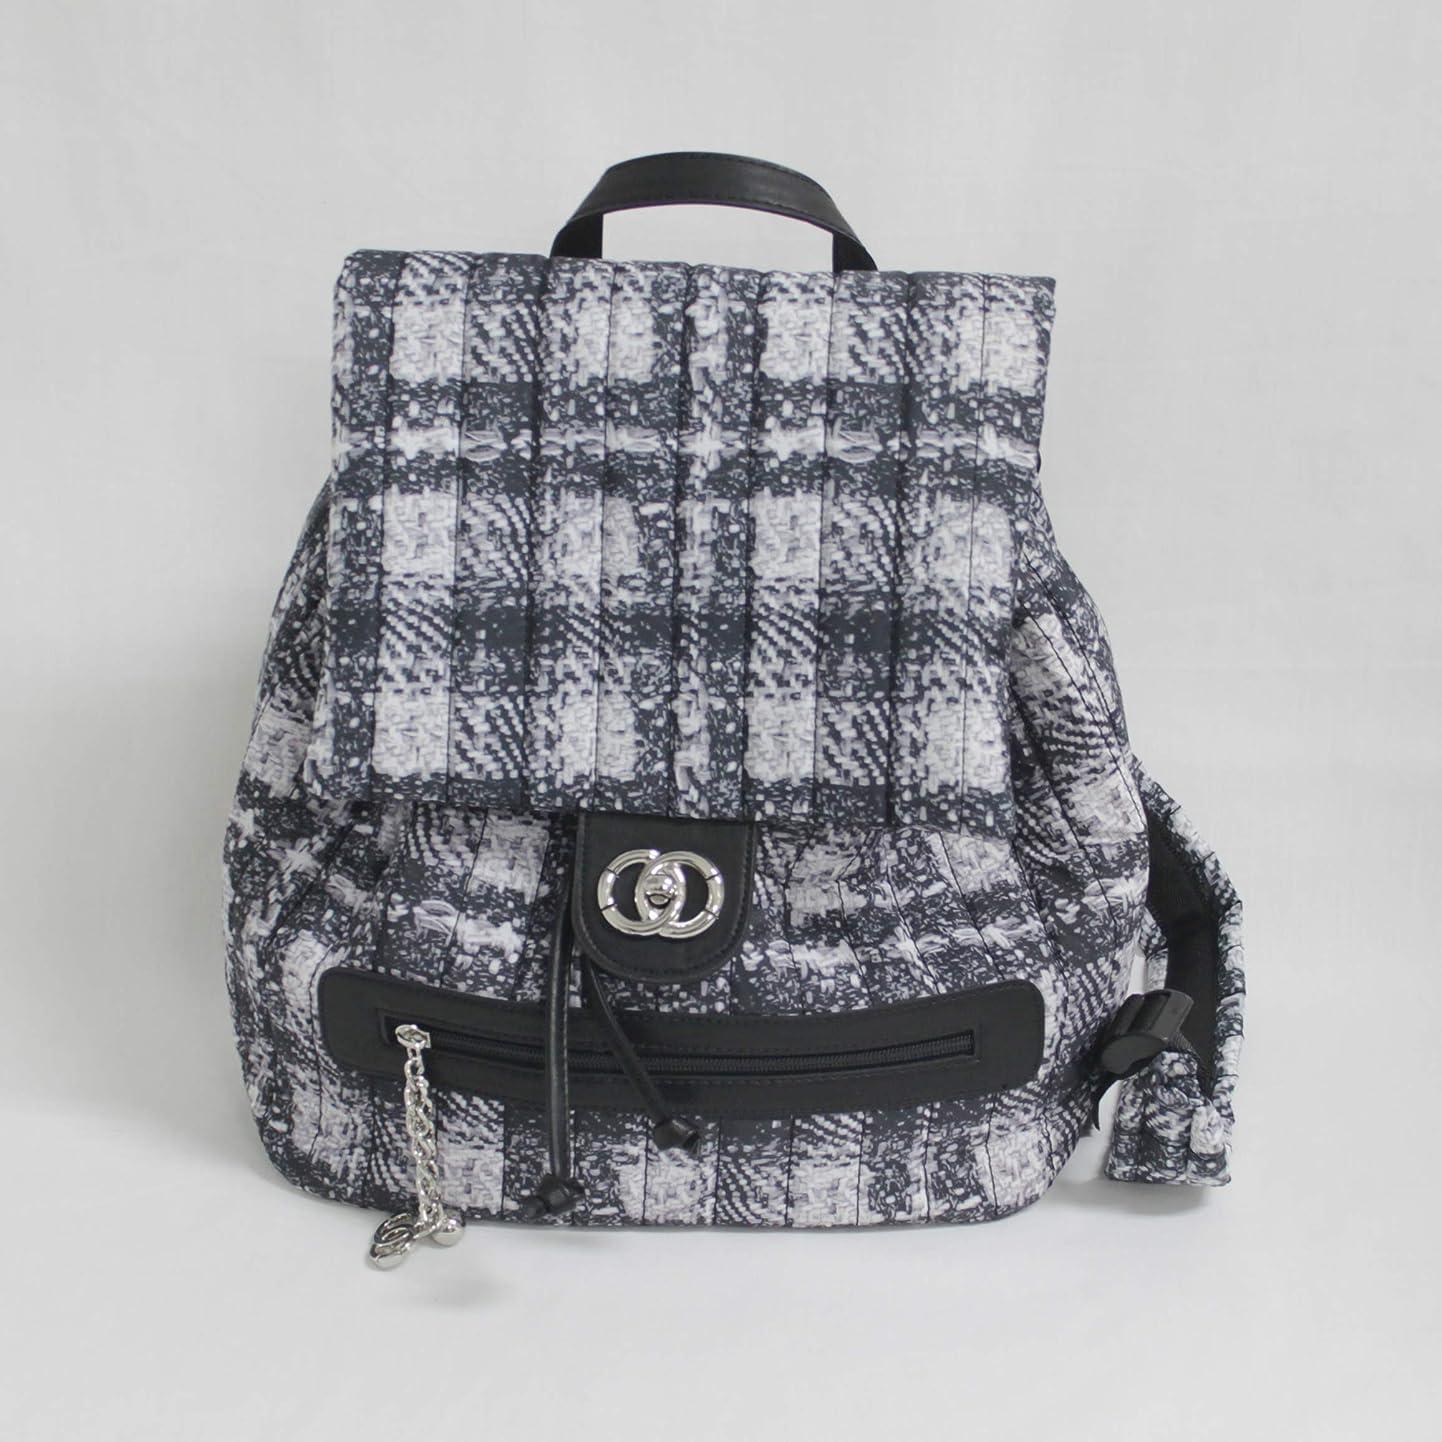 ガウン縞模様のスロープナイロン チェック柄 リュック 大人バッグ 軽量 軽い